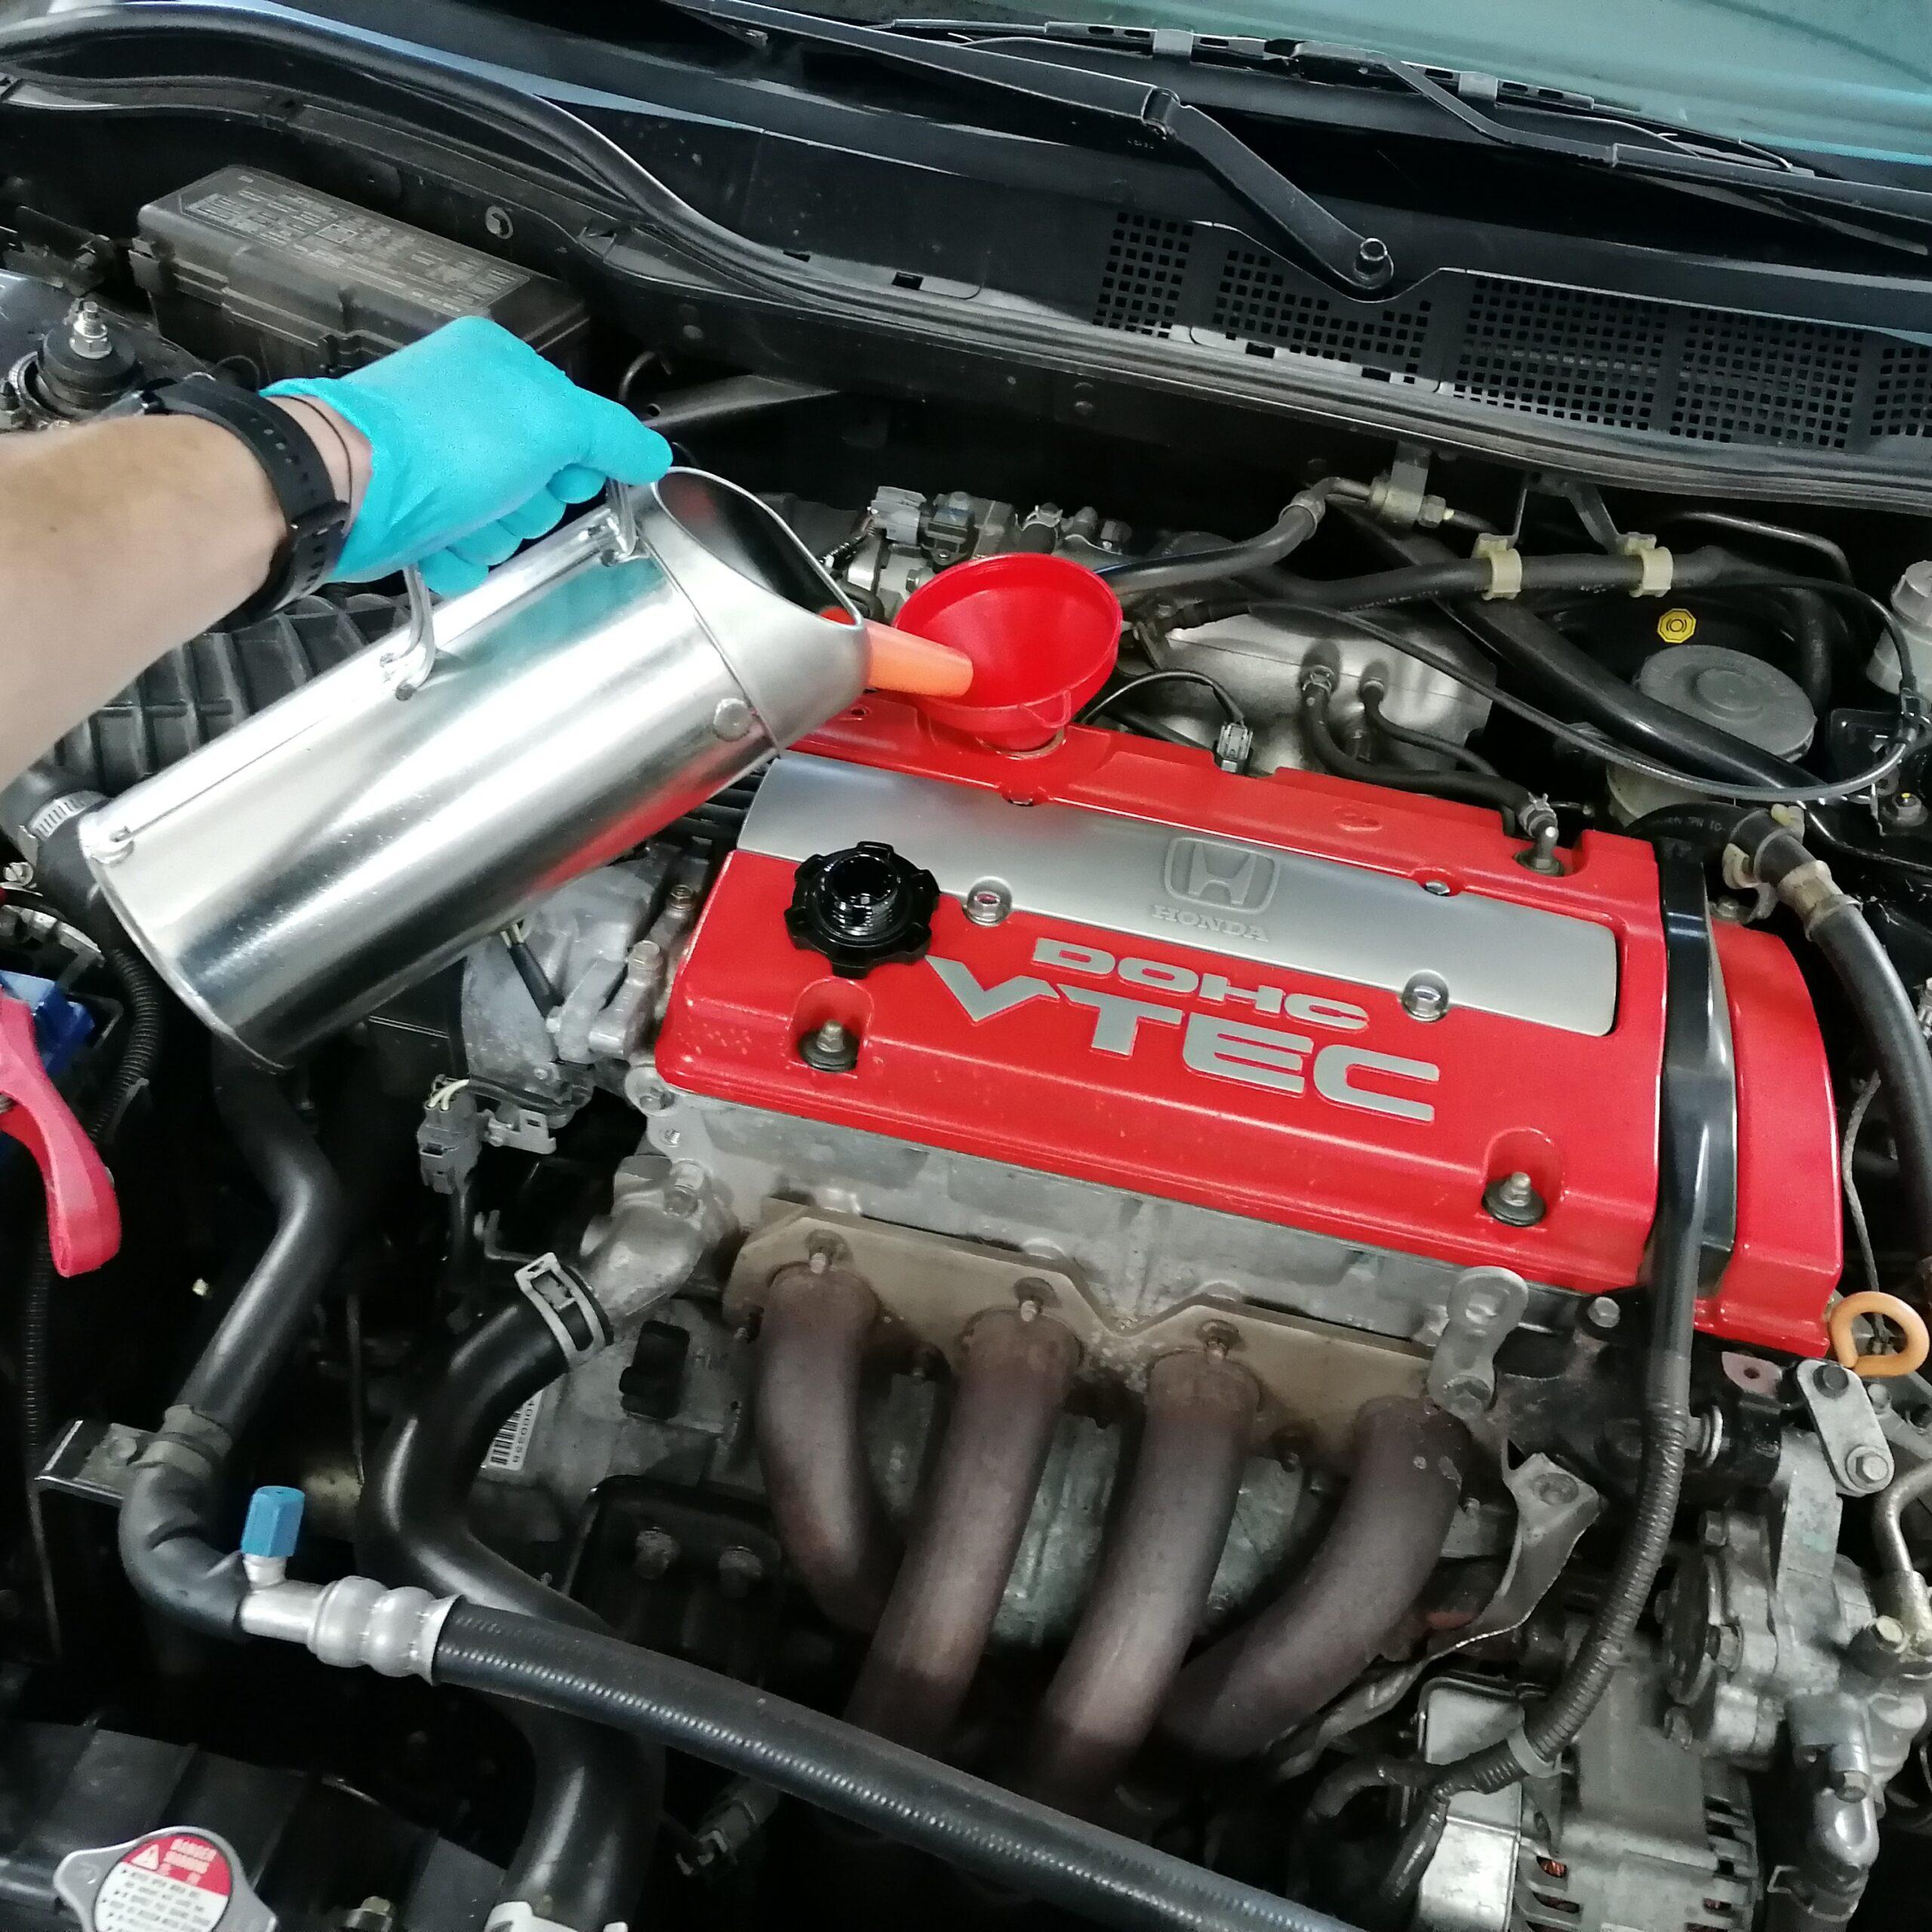 Nach Herstellervorschriften unterhalten wir dein Fahrzeug im Wartungszyklus.